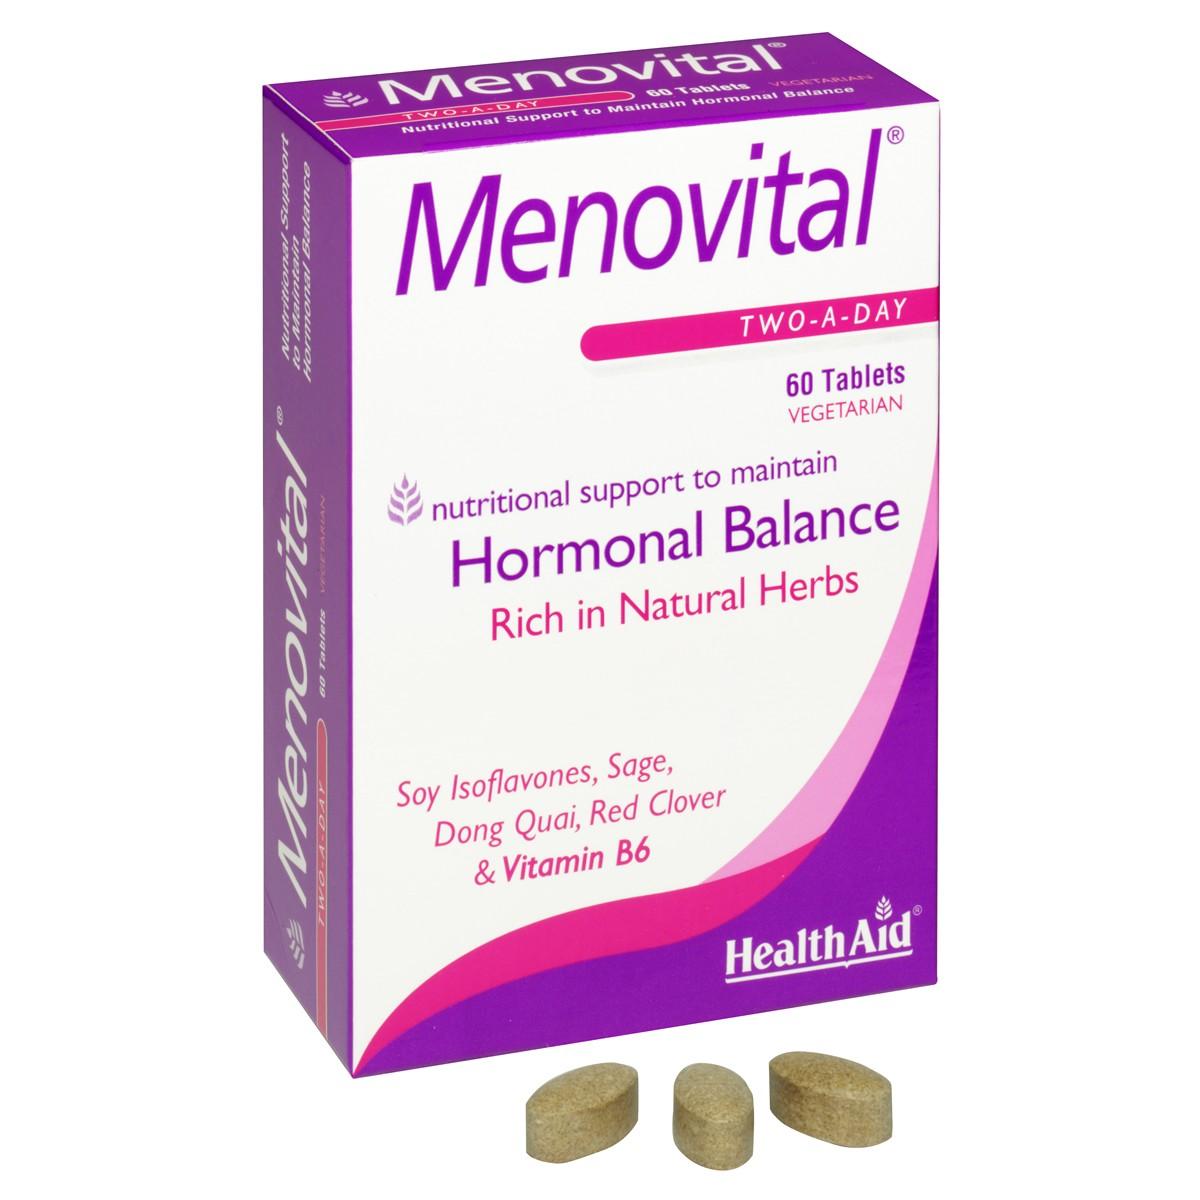 HealthAid Menovital